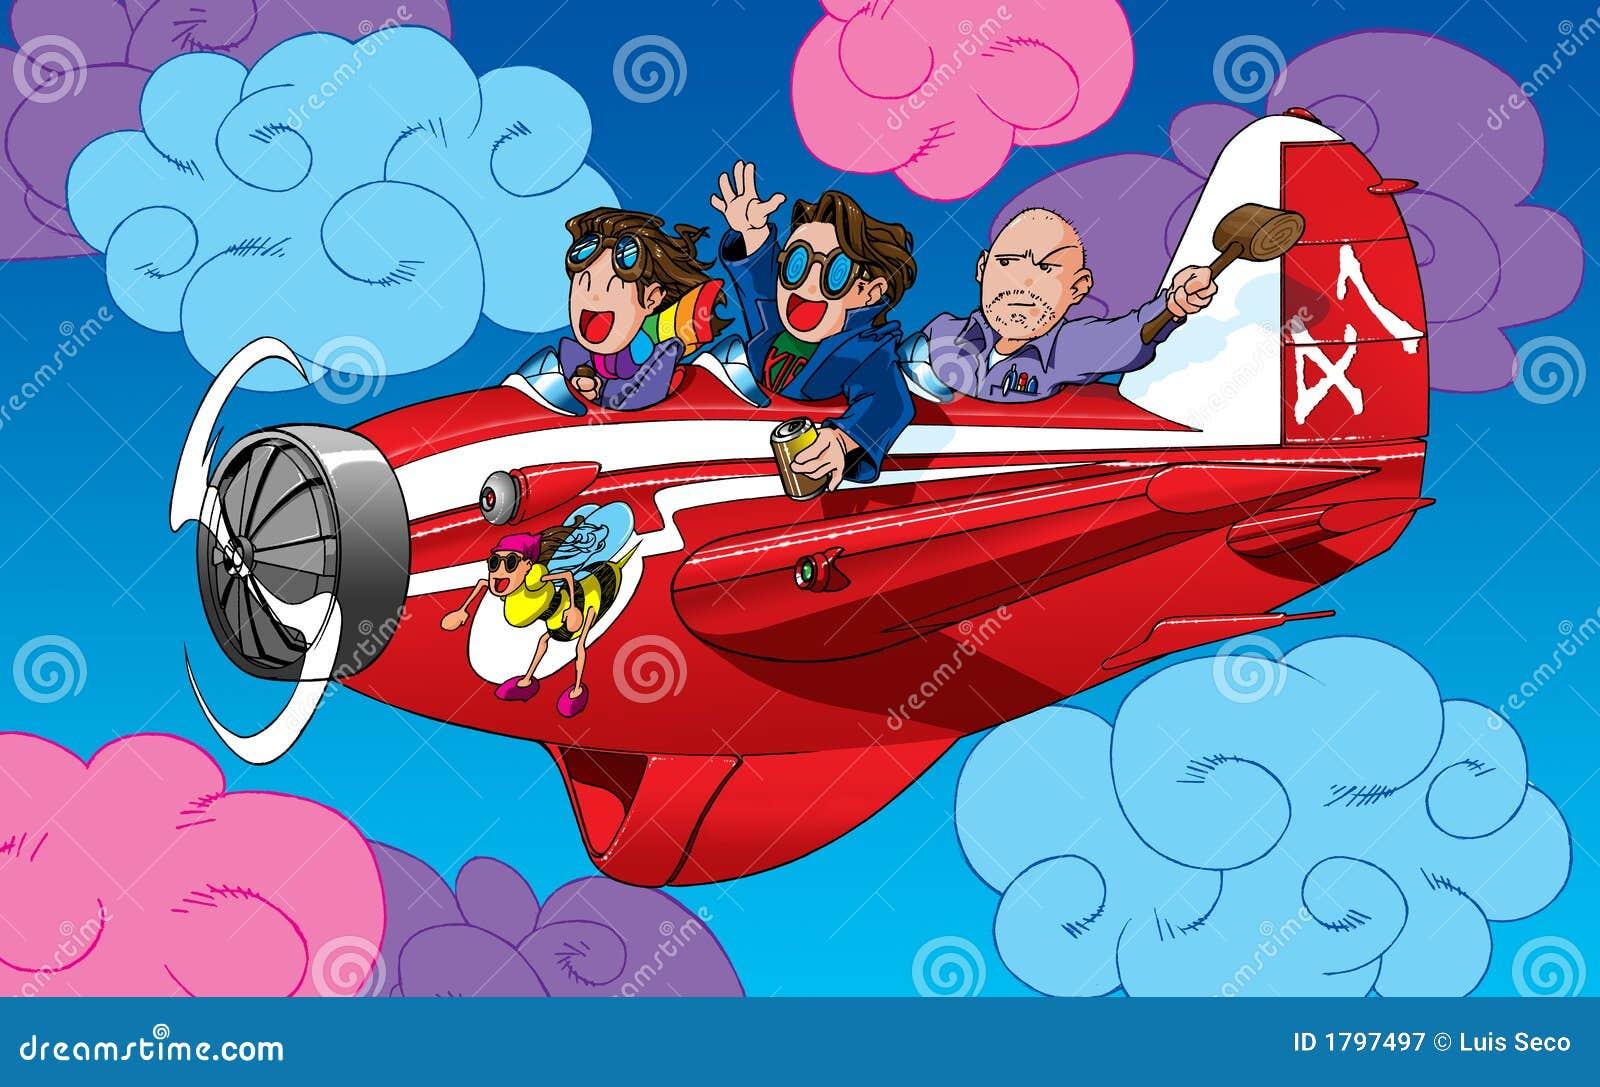 Personaggi dei cartoni animati in un aereo